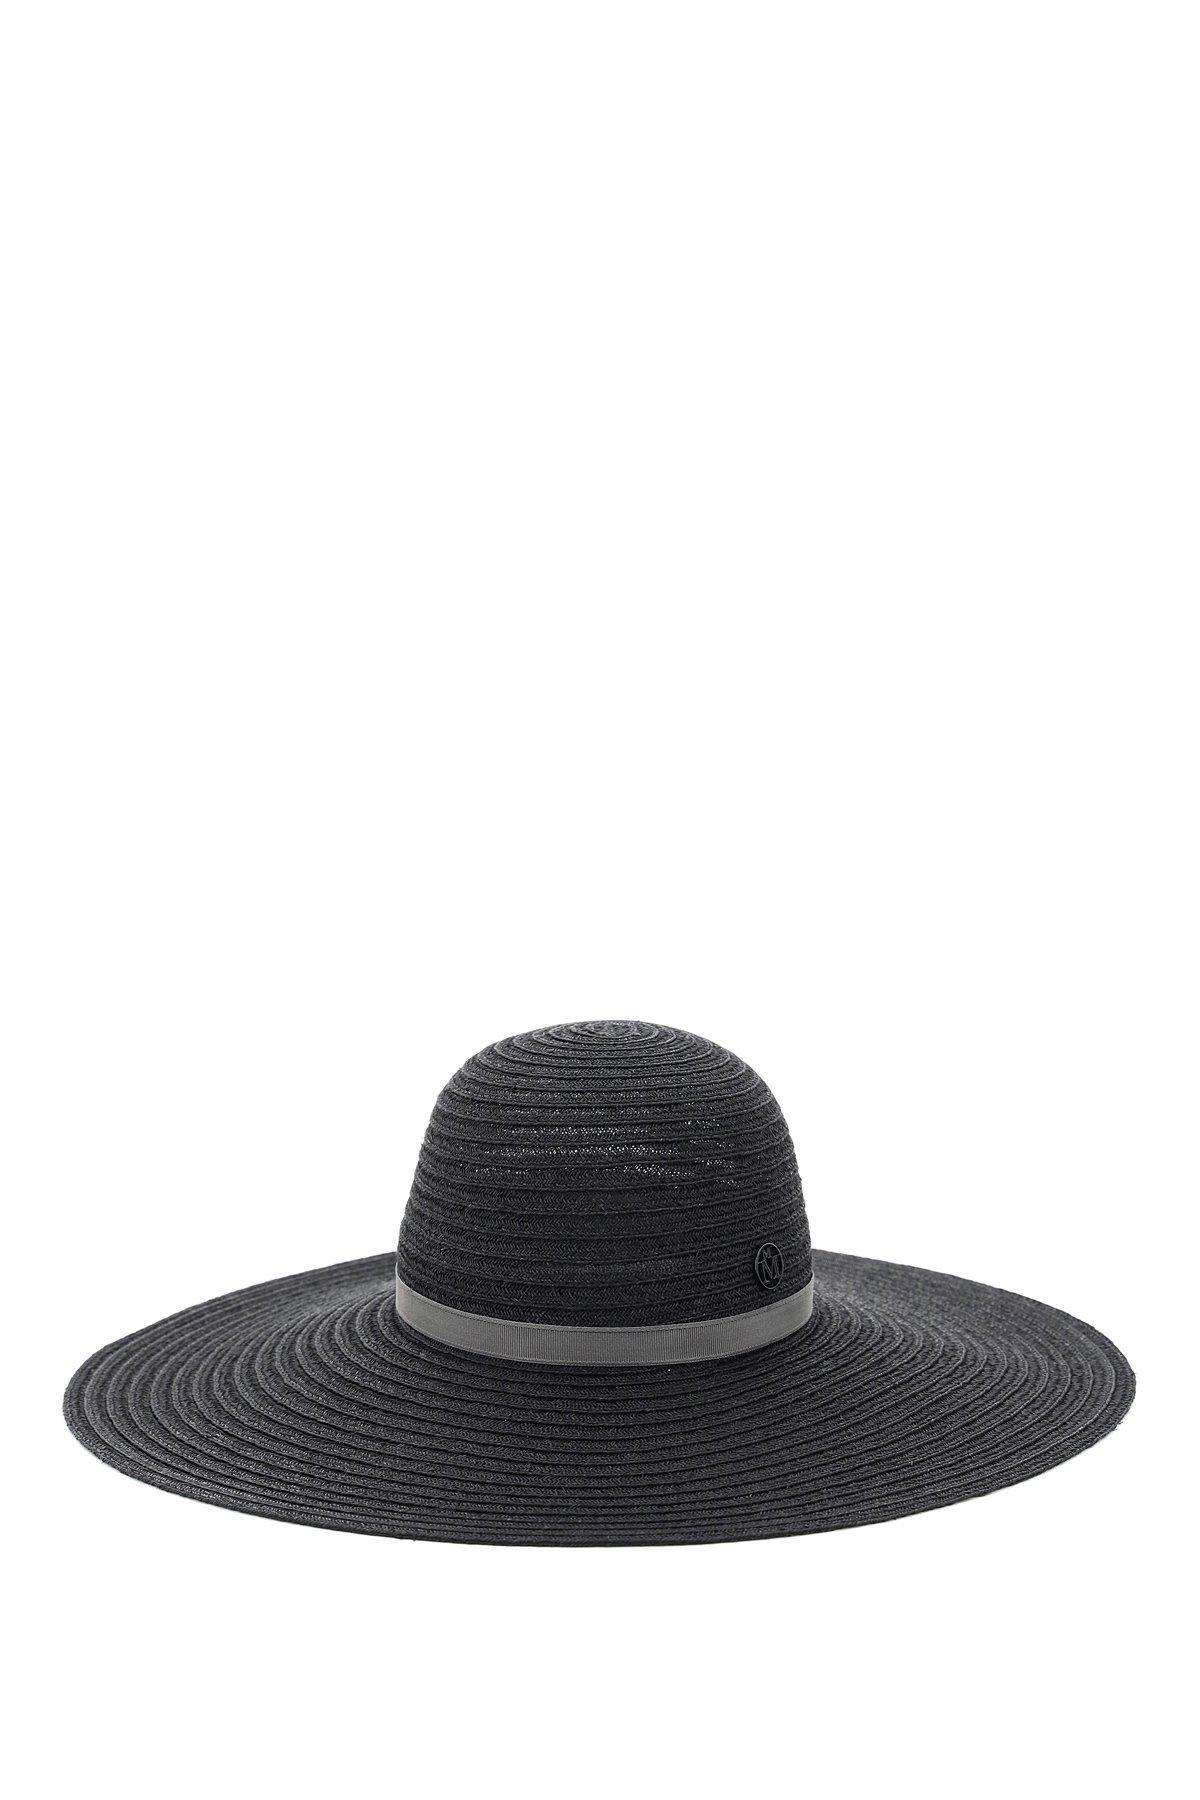 Maison michel cappello in canapa intrecciata blanche